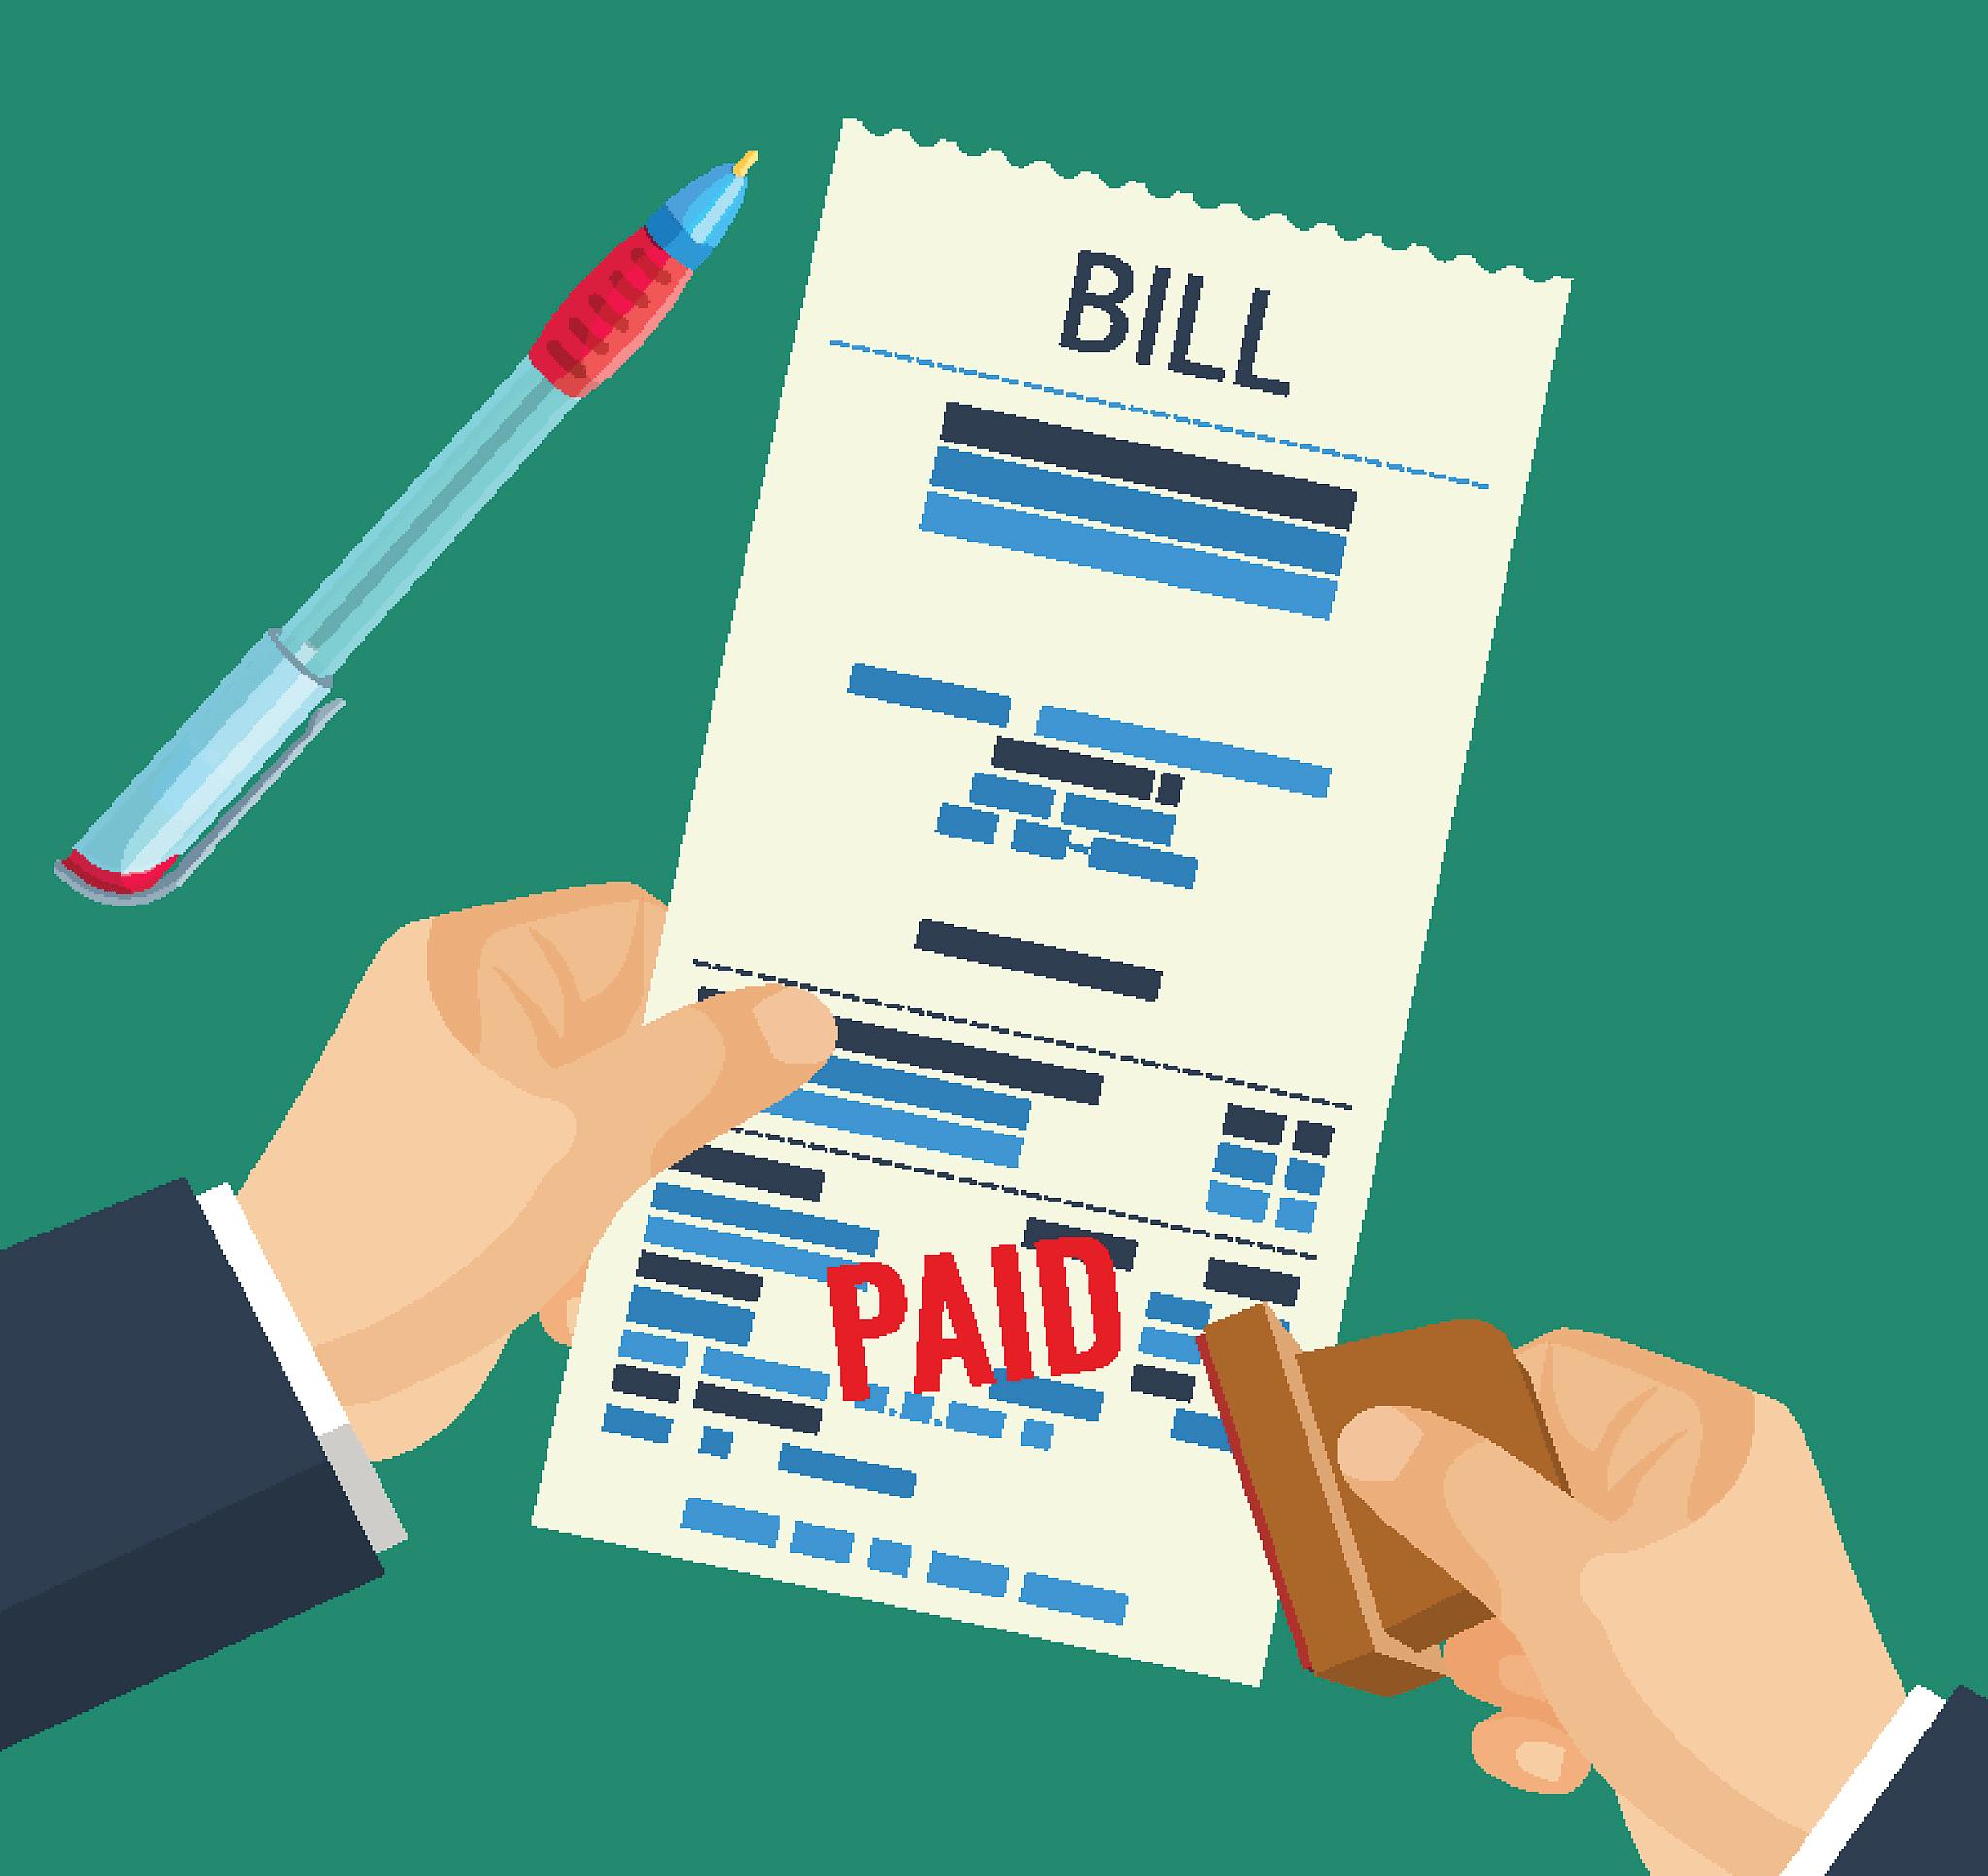 财务会计每月处理上百张发票,通过影刀RPA提高效率和准确性